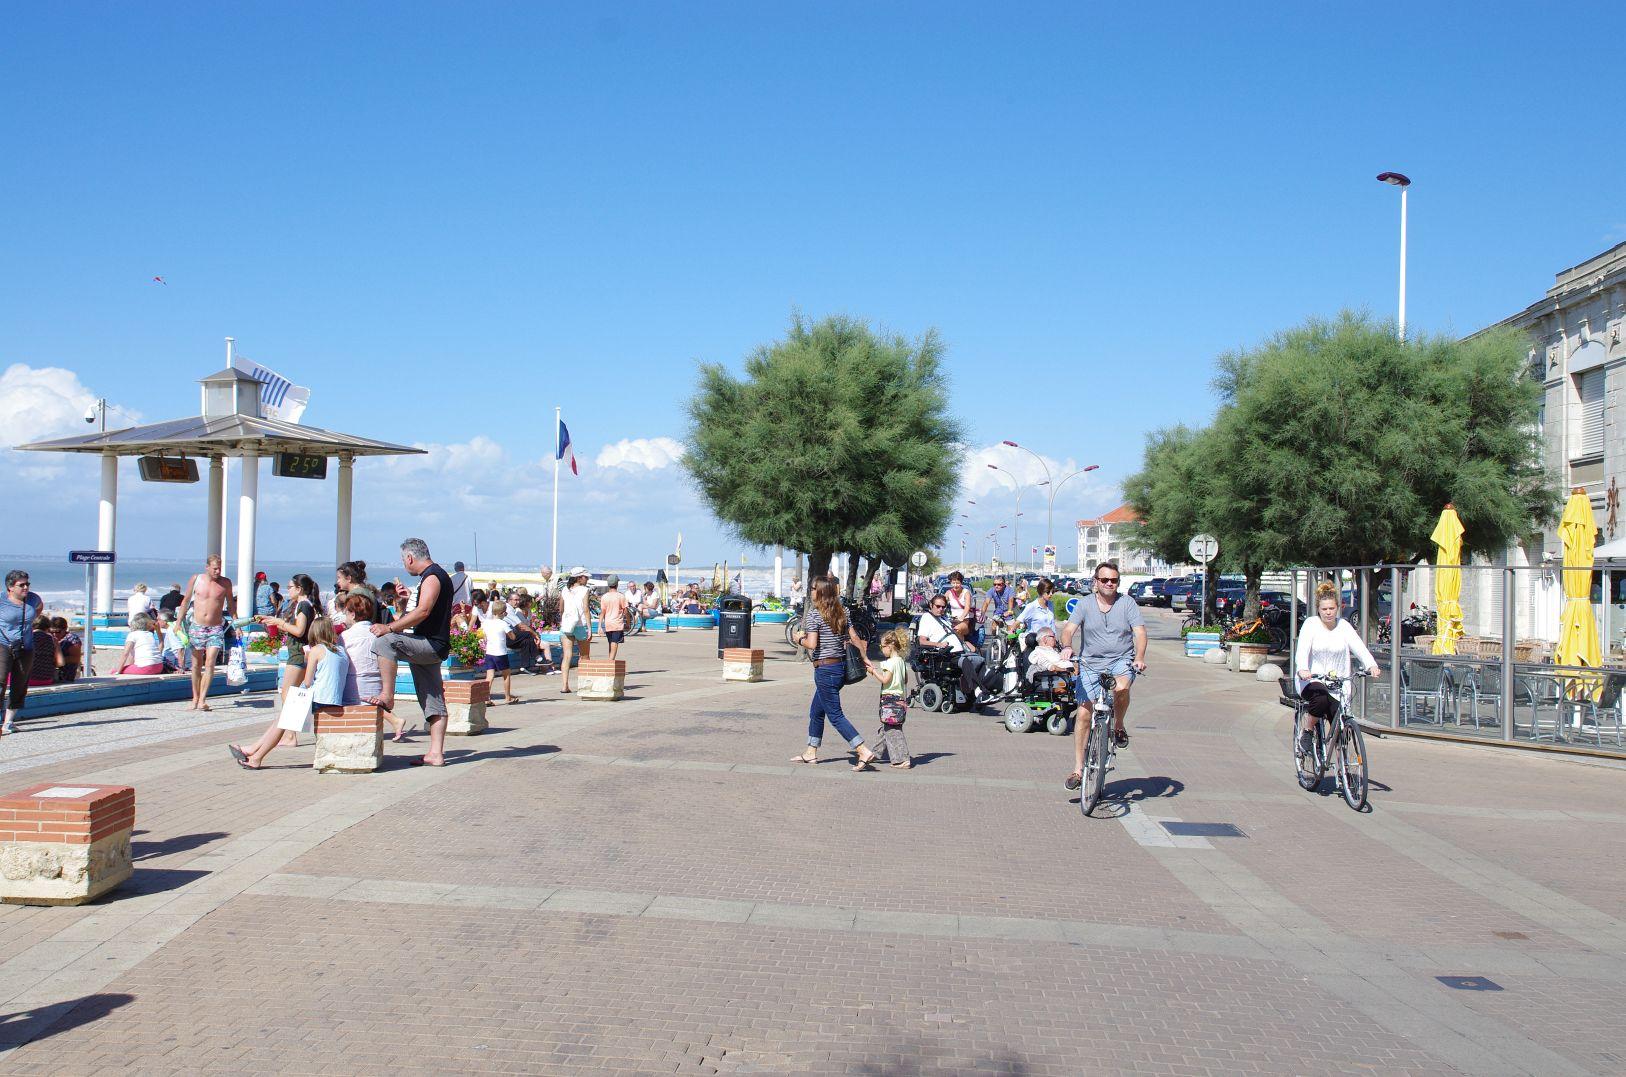 Strandpromenade in Soulac